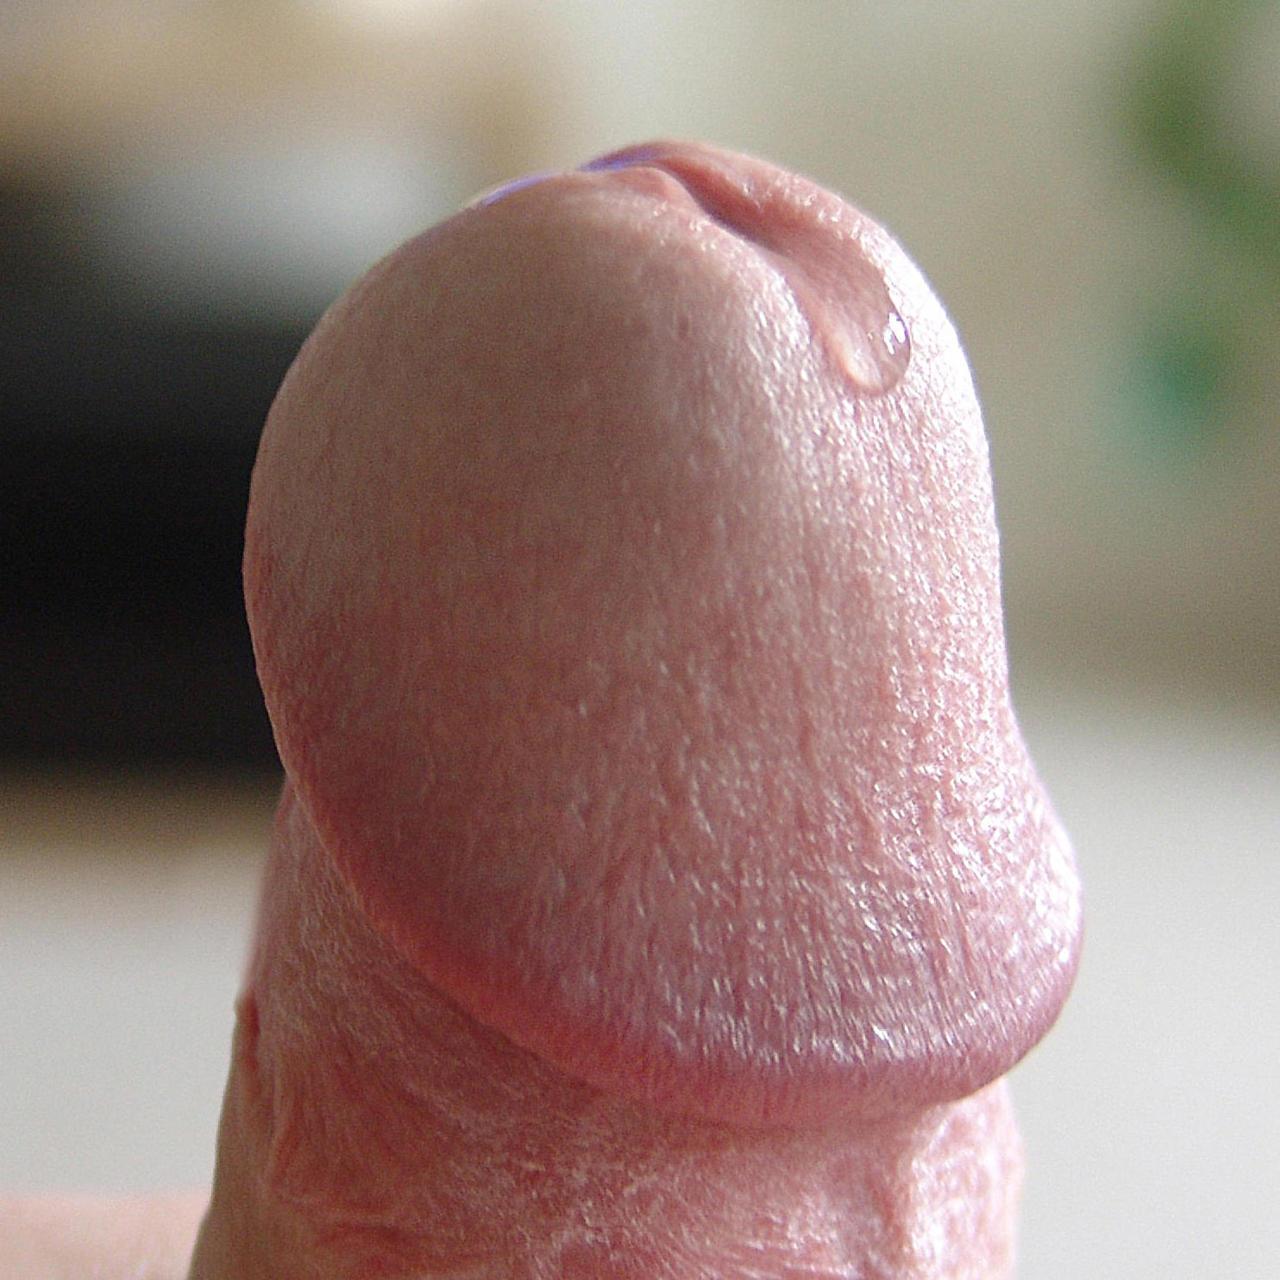 large penis precum